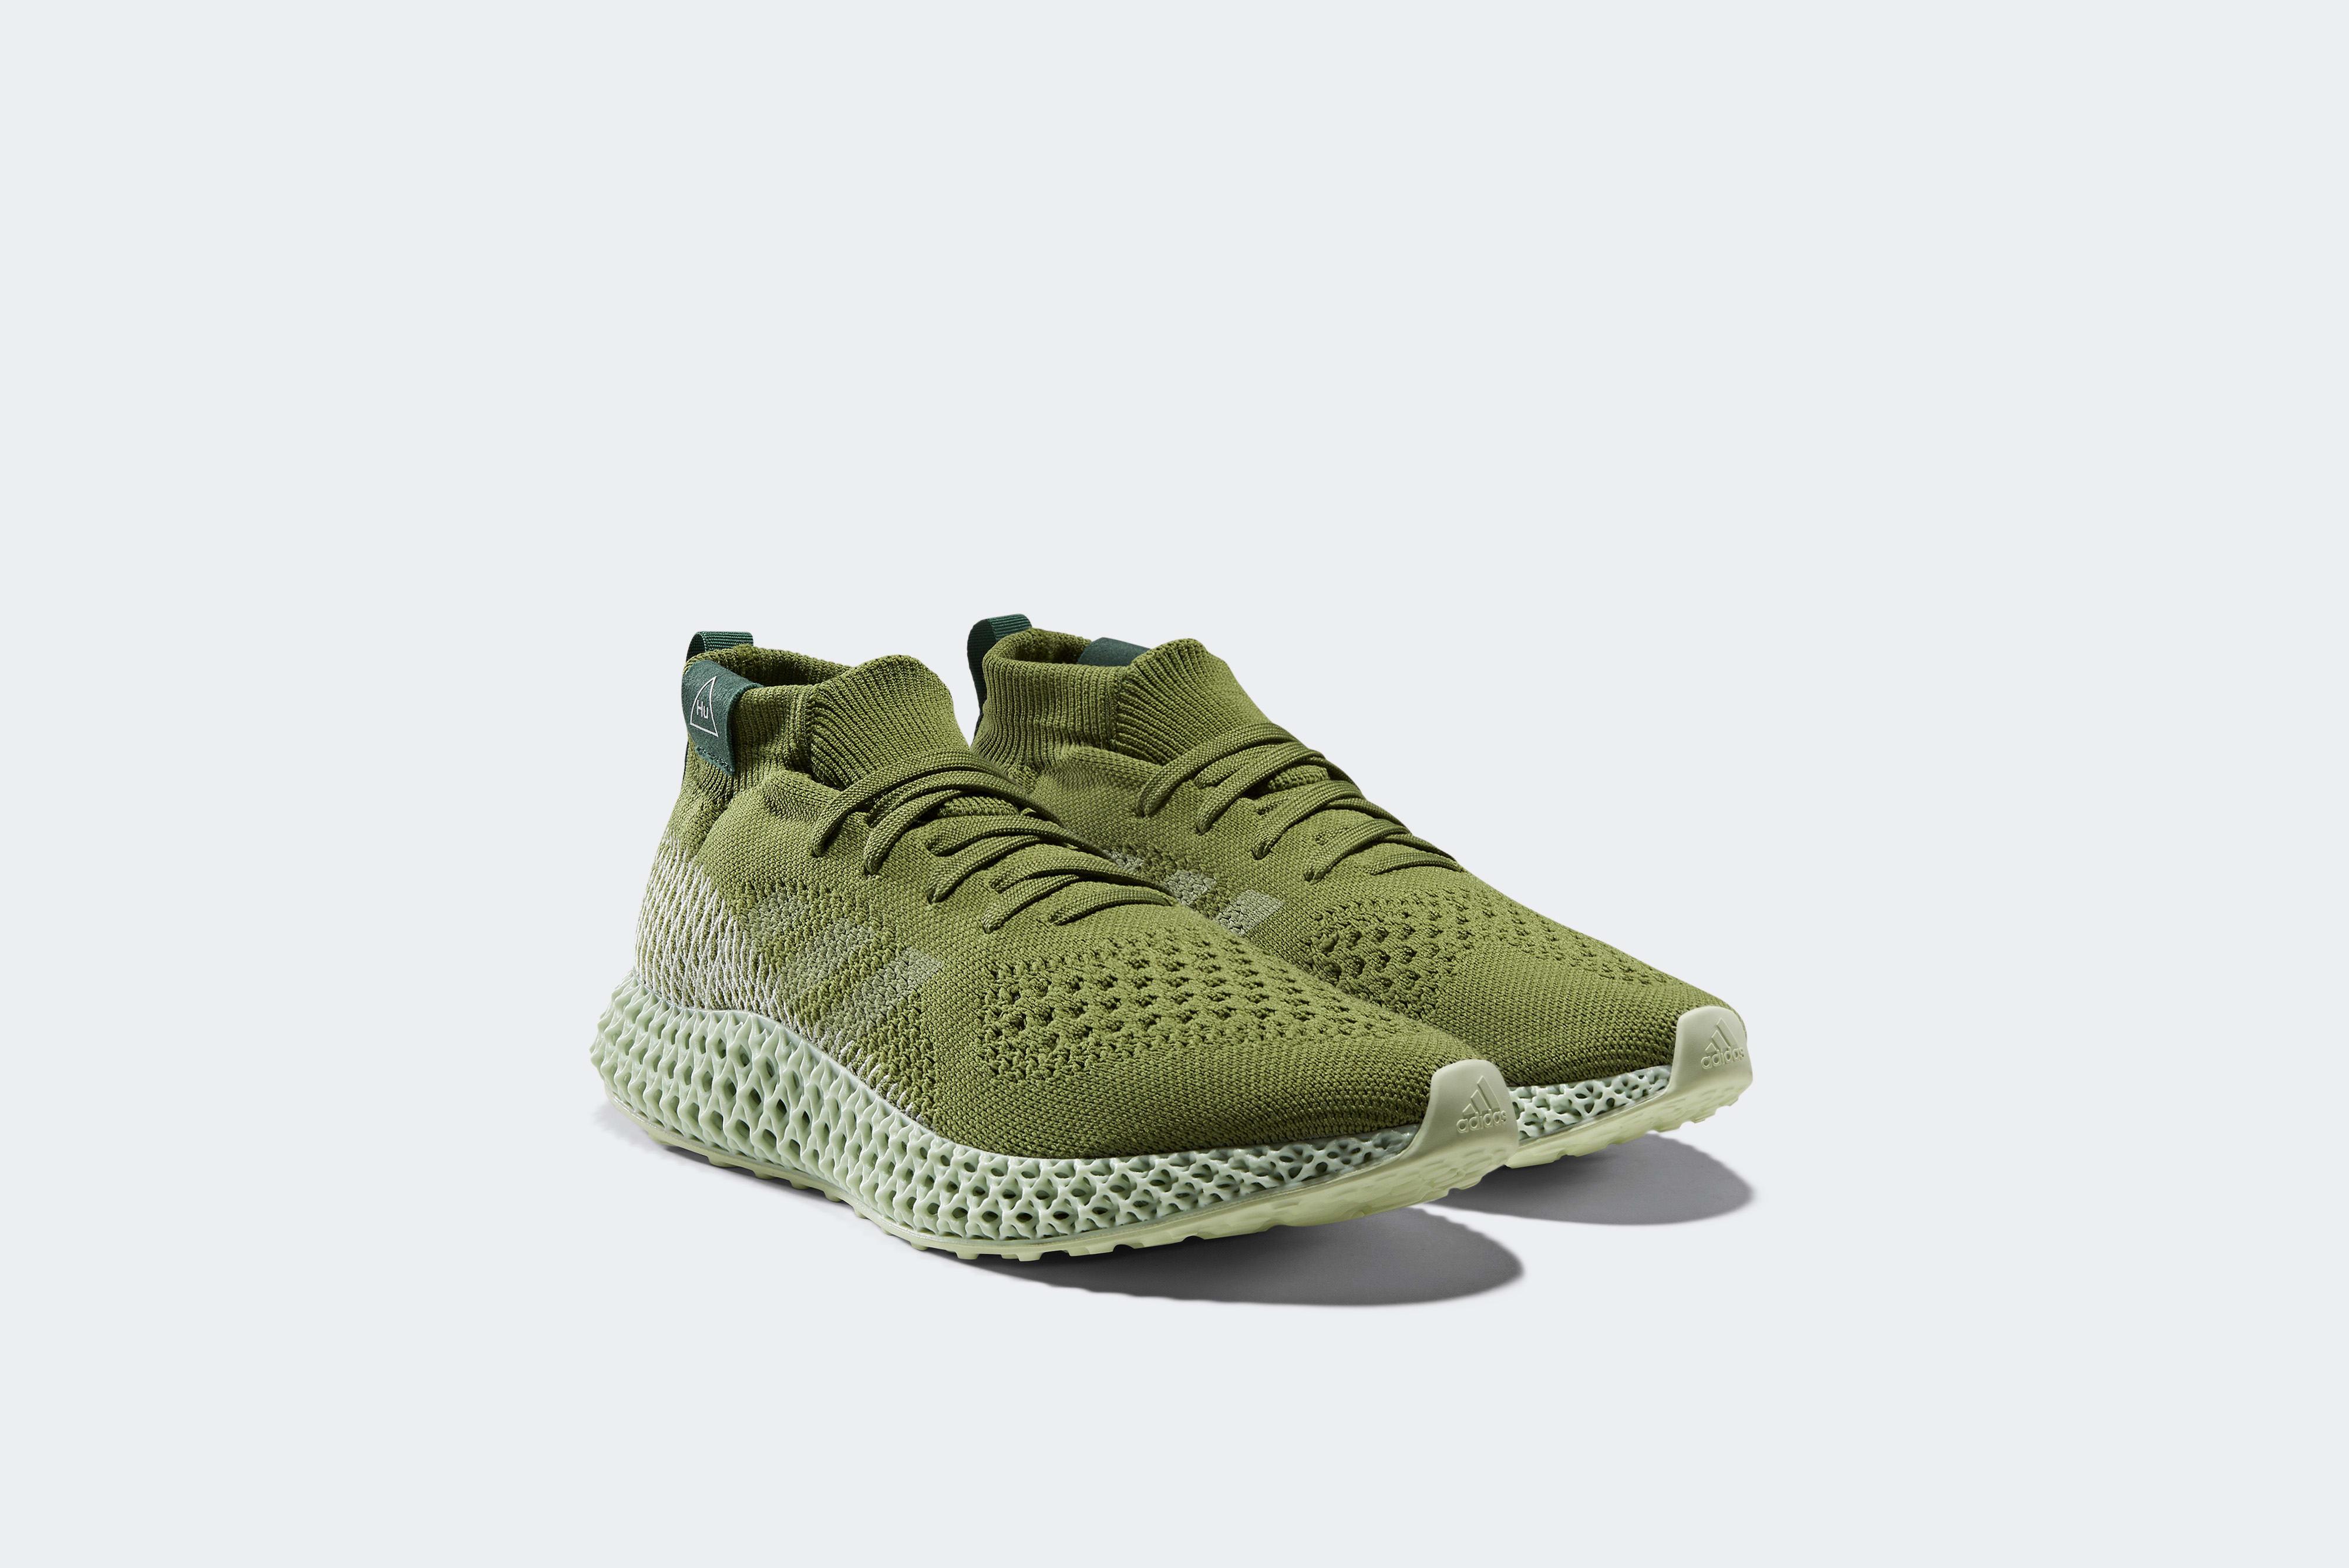 adidas x Pharrell Williams 4D Runner - FV6334